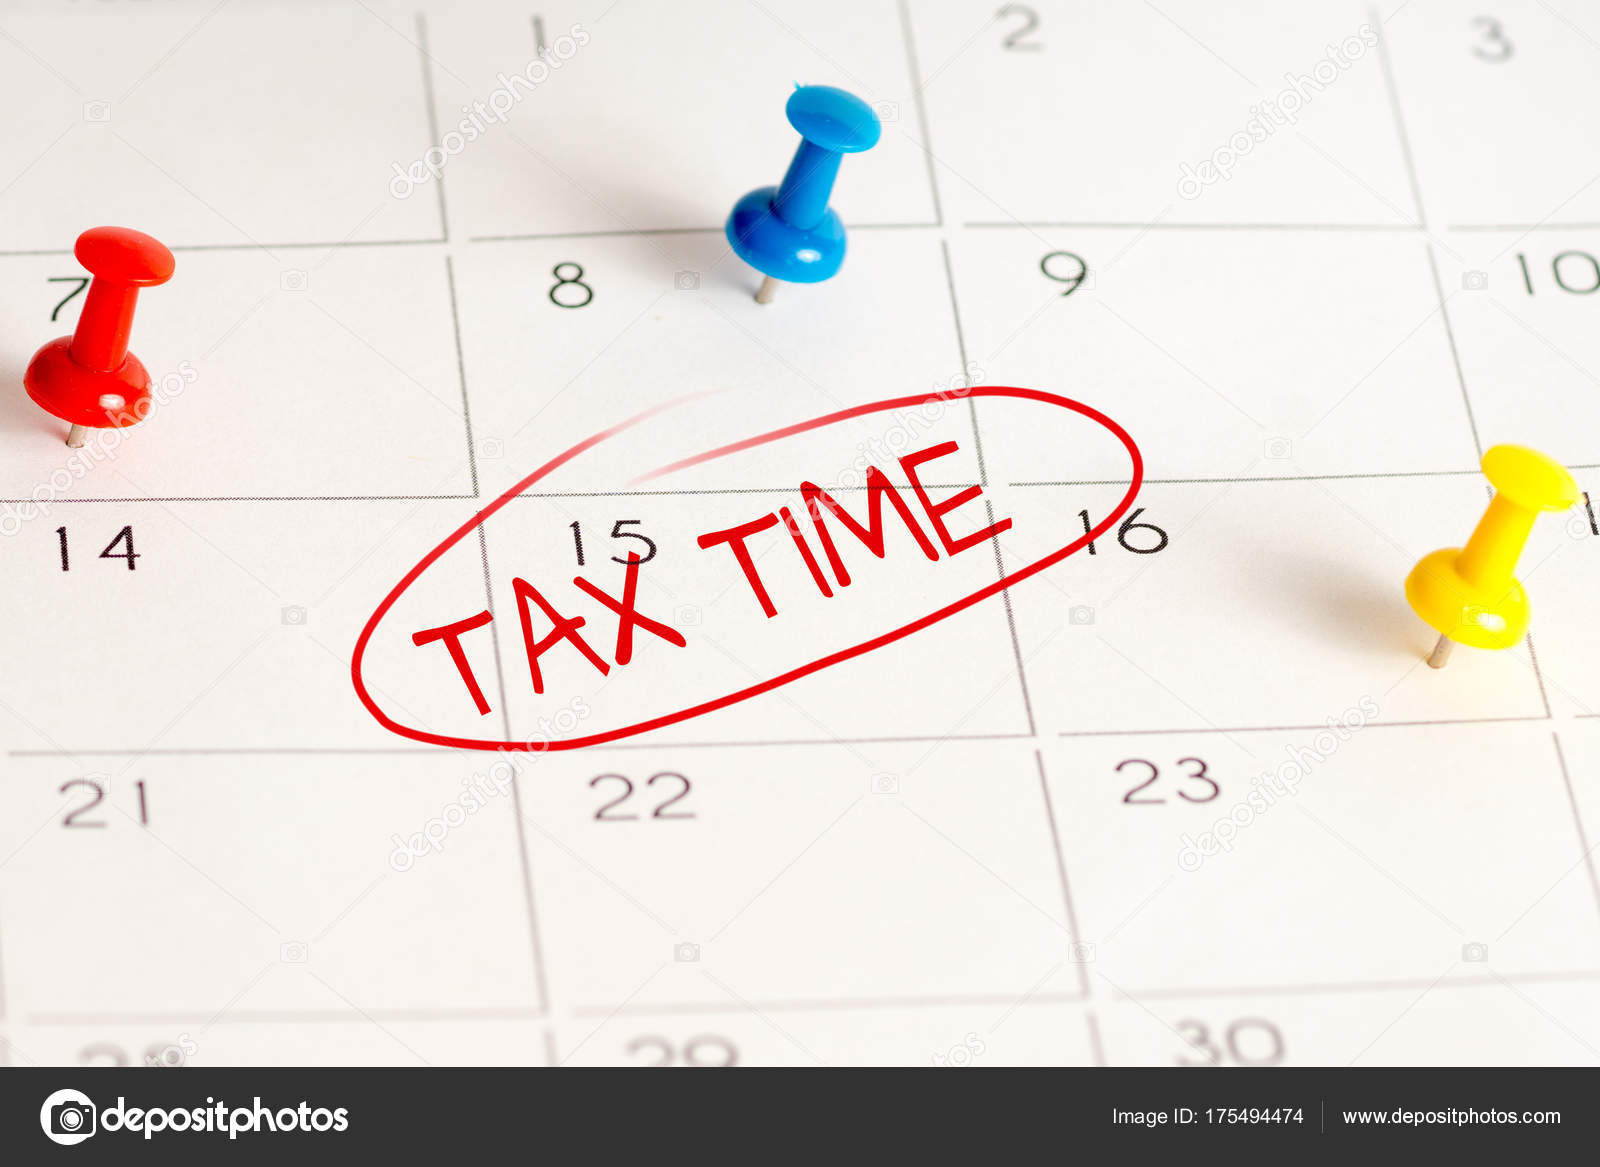 Imposta Calendario.Tempo Di Imposta Calendario Spille Foto Stock